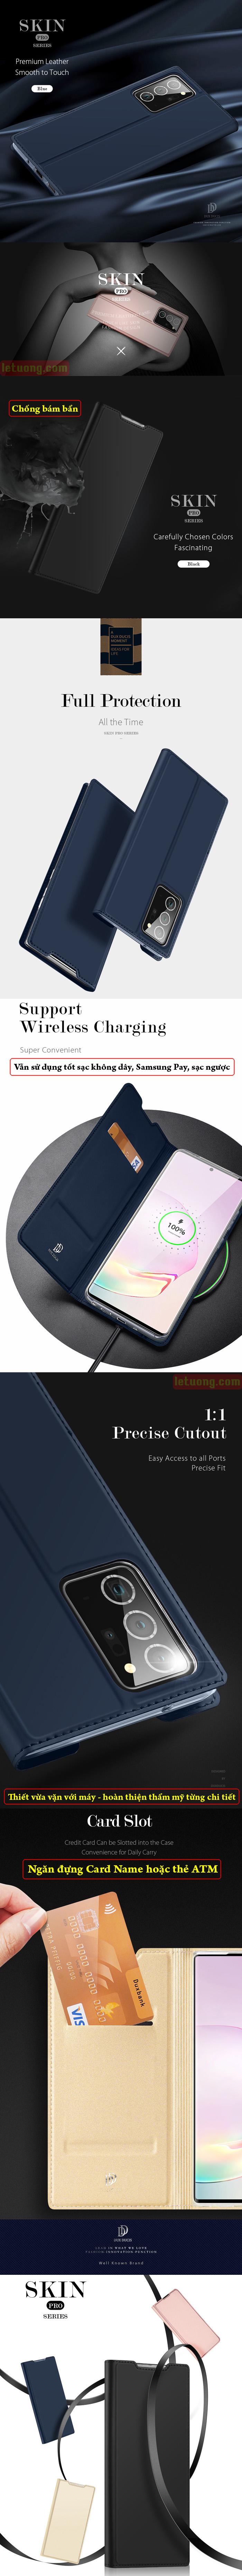 Bao da Galaxy Note 20 Ultra / 5G Dux Ducis Skin siêu mỏng - siêu mịn 6